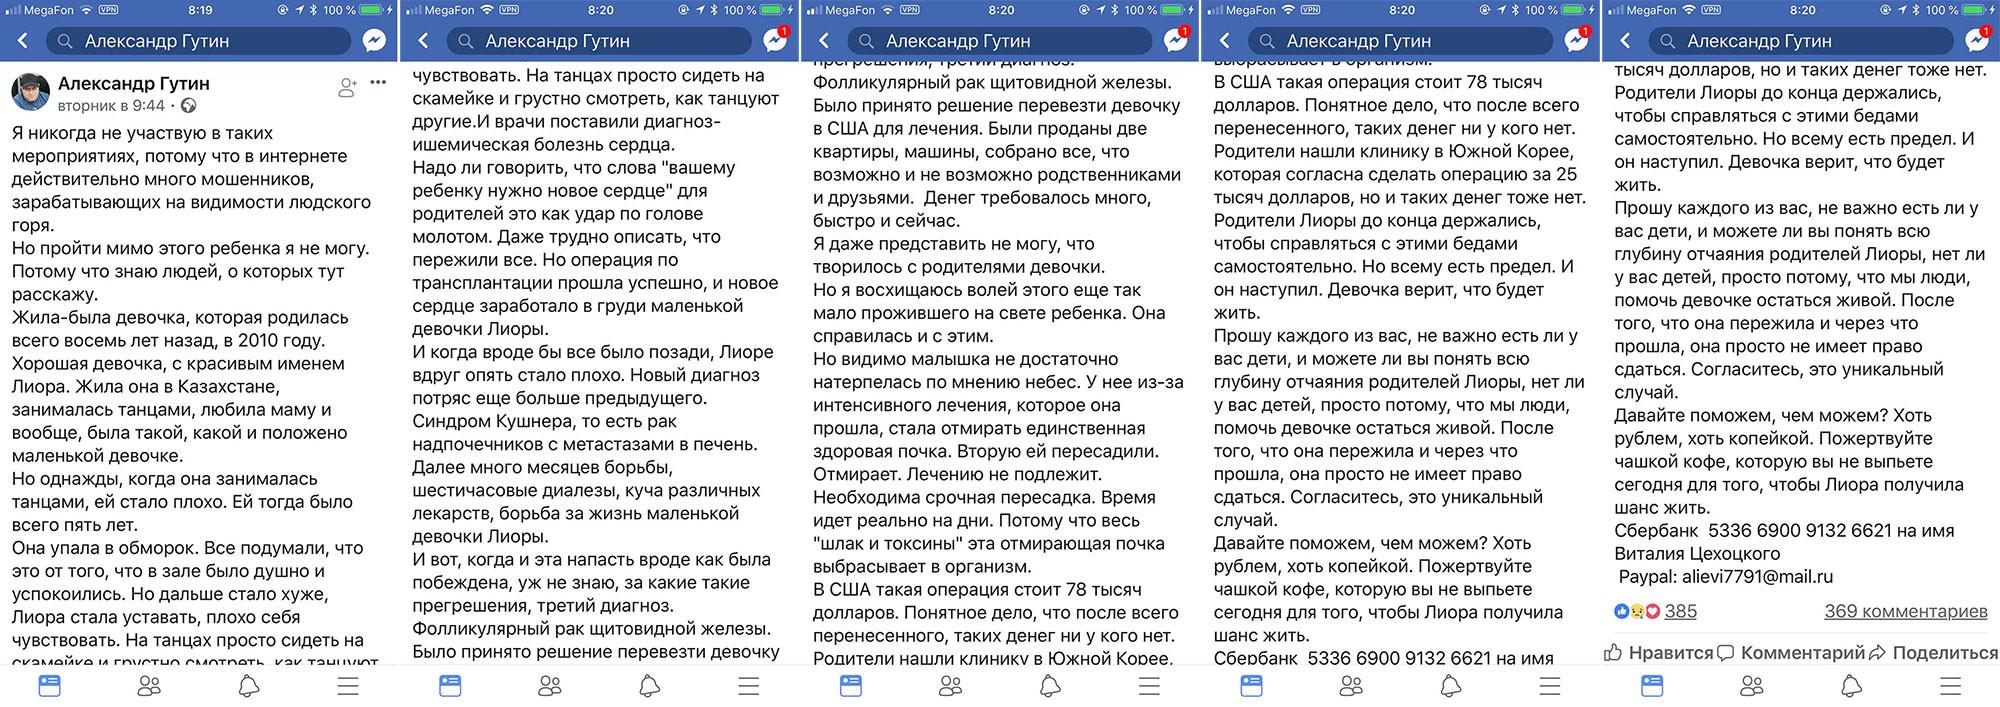 Фото © Facebook/Михаил Шахназаров